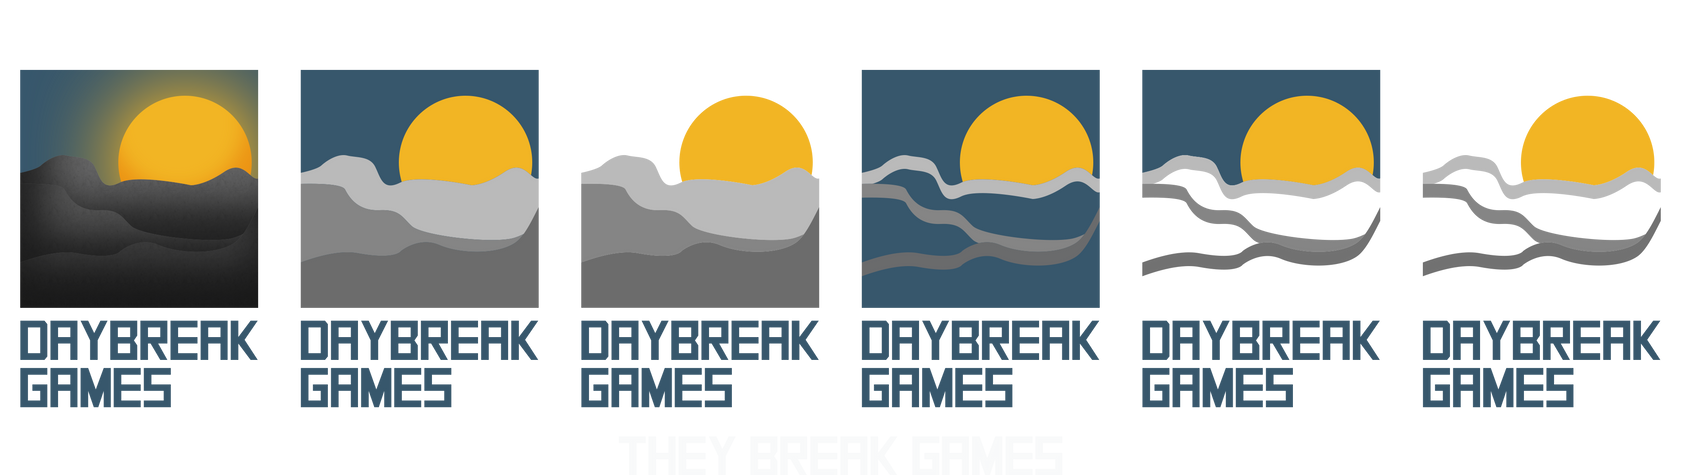 Daybreak Games Studio by Floodgrunt